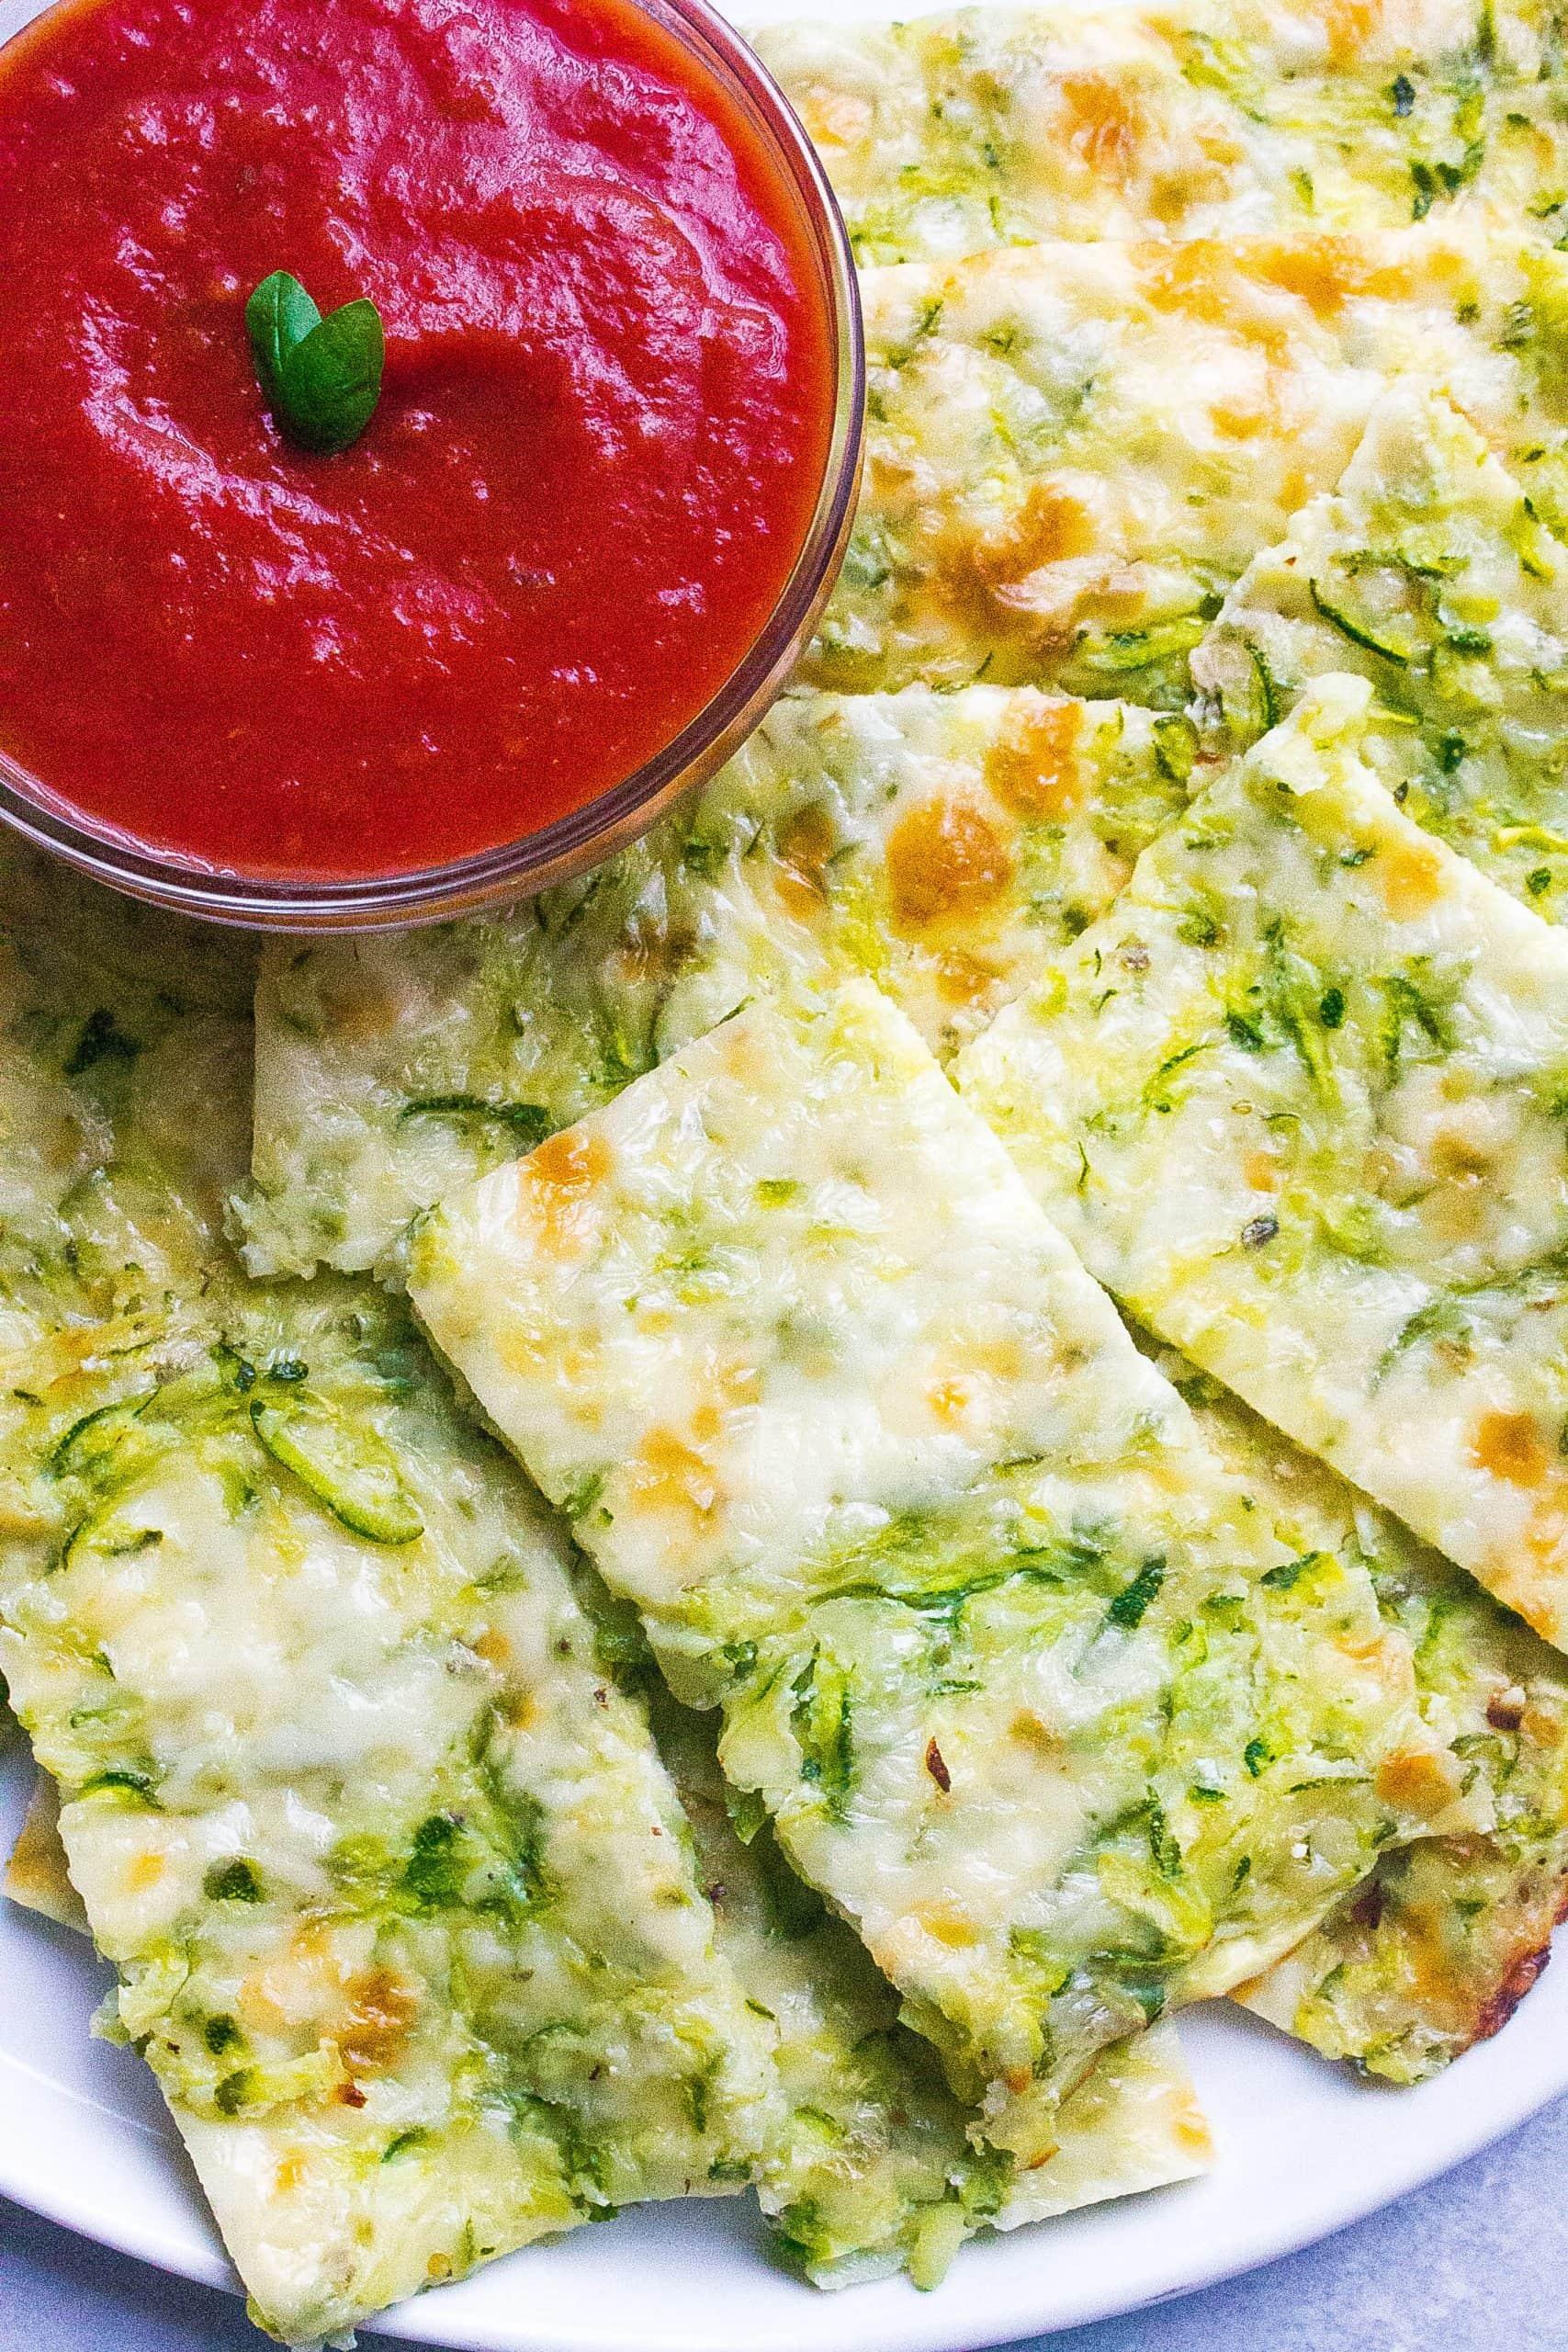 zucchini cheese bread with marinara sauce